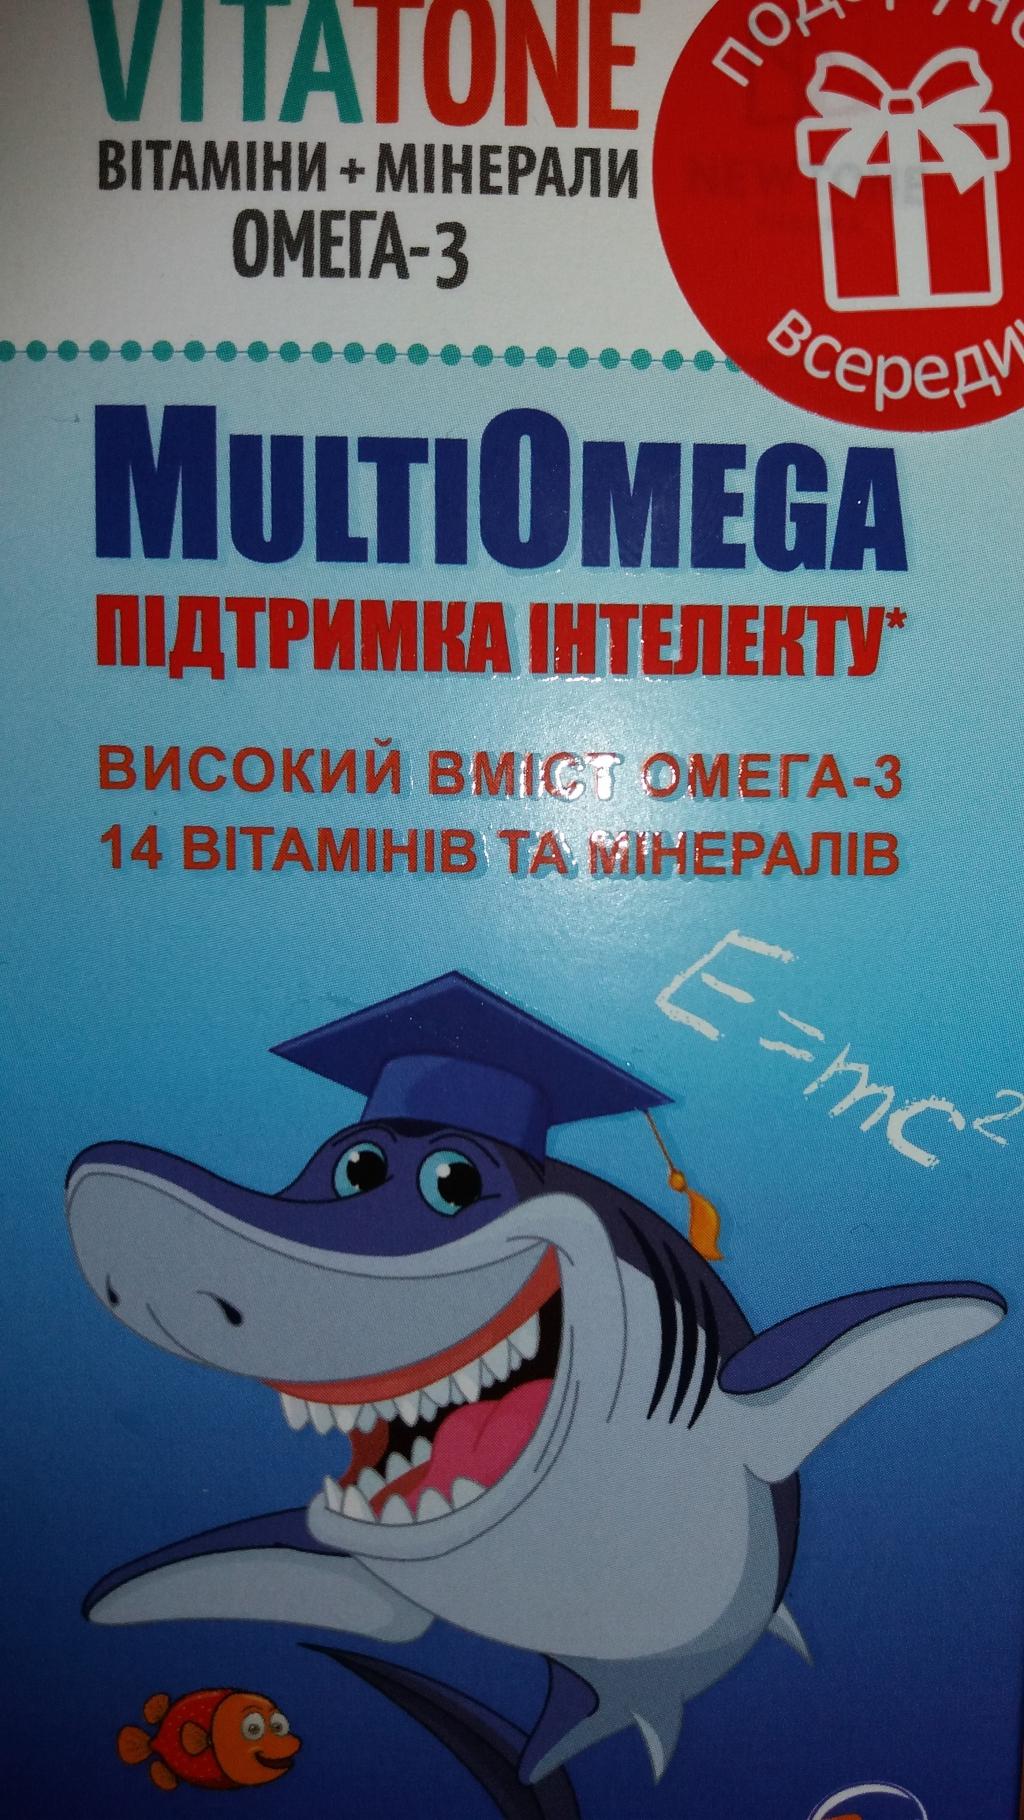 VitaTone витамины для детей с комплексом Омега-3 - Для хорошего зрения и отличного поведения)